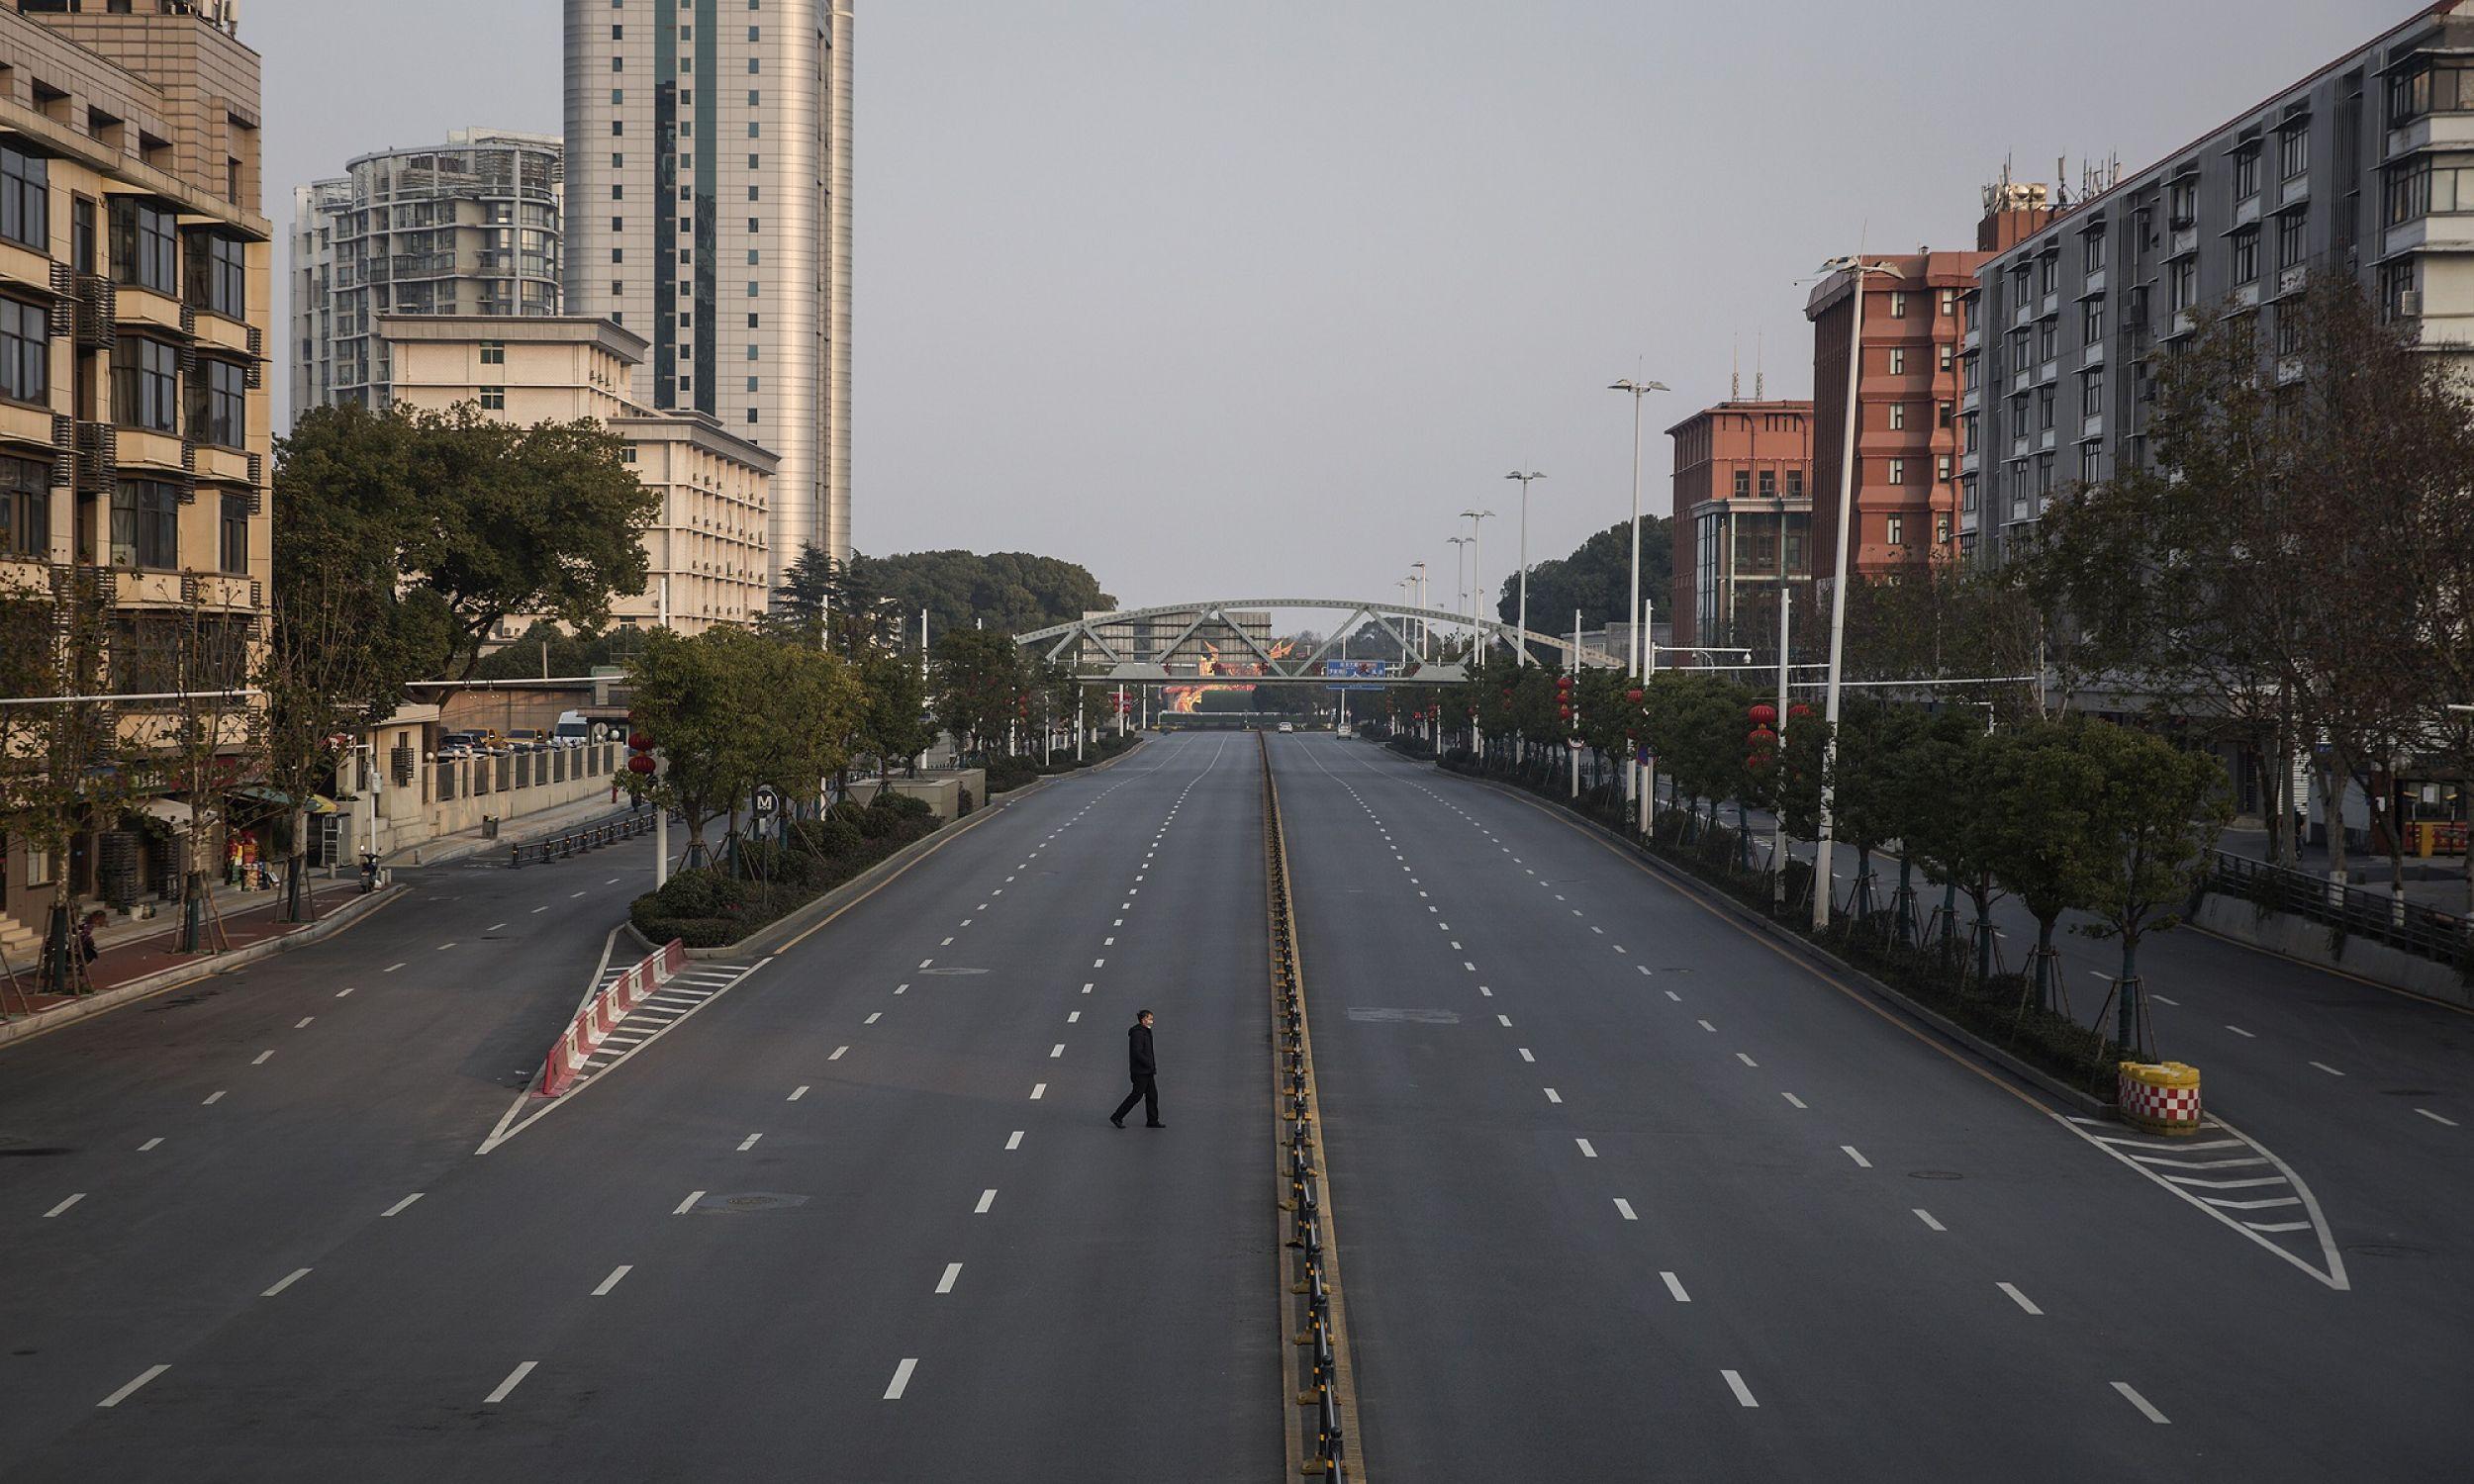 To przemysłowy gigant wielkości Londynu, z 11 milionami mieszkańców. Dziś jego ulice świecą pustkami. Fot. Getty Images